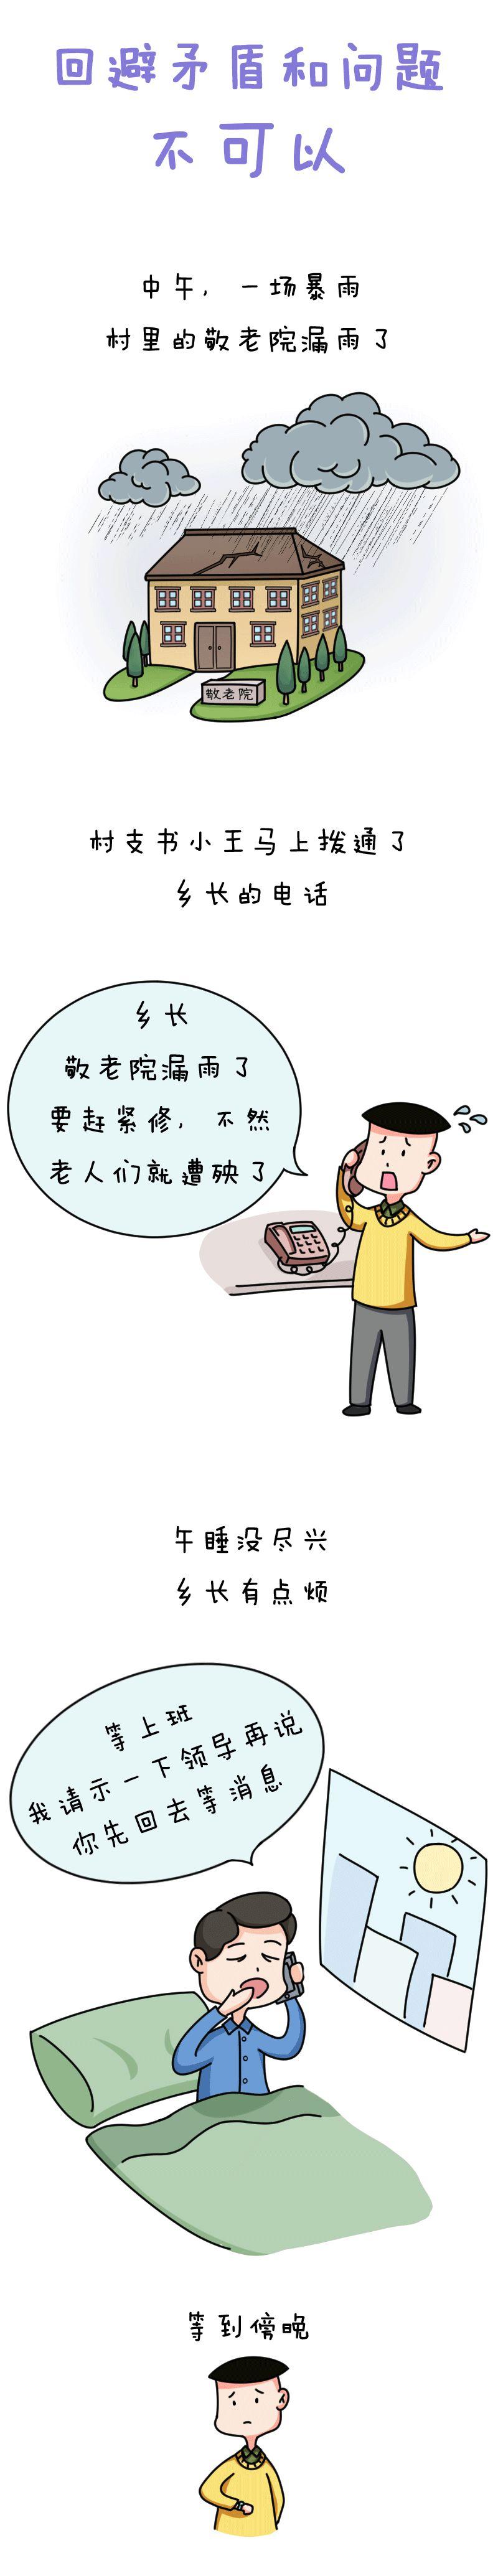 漫画说纪丨回避矛盾和问题不可以